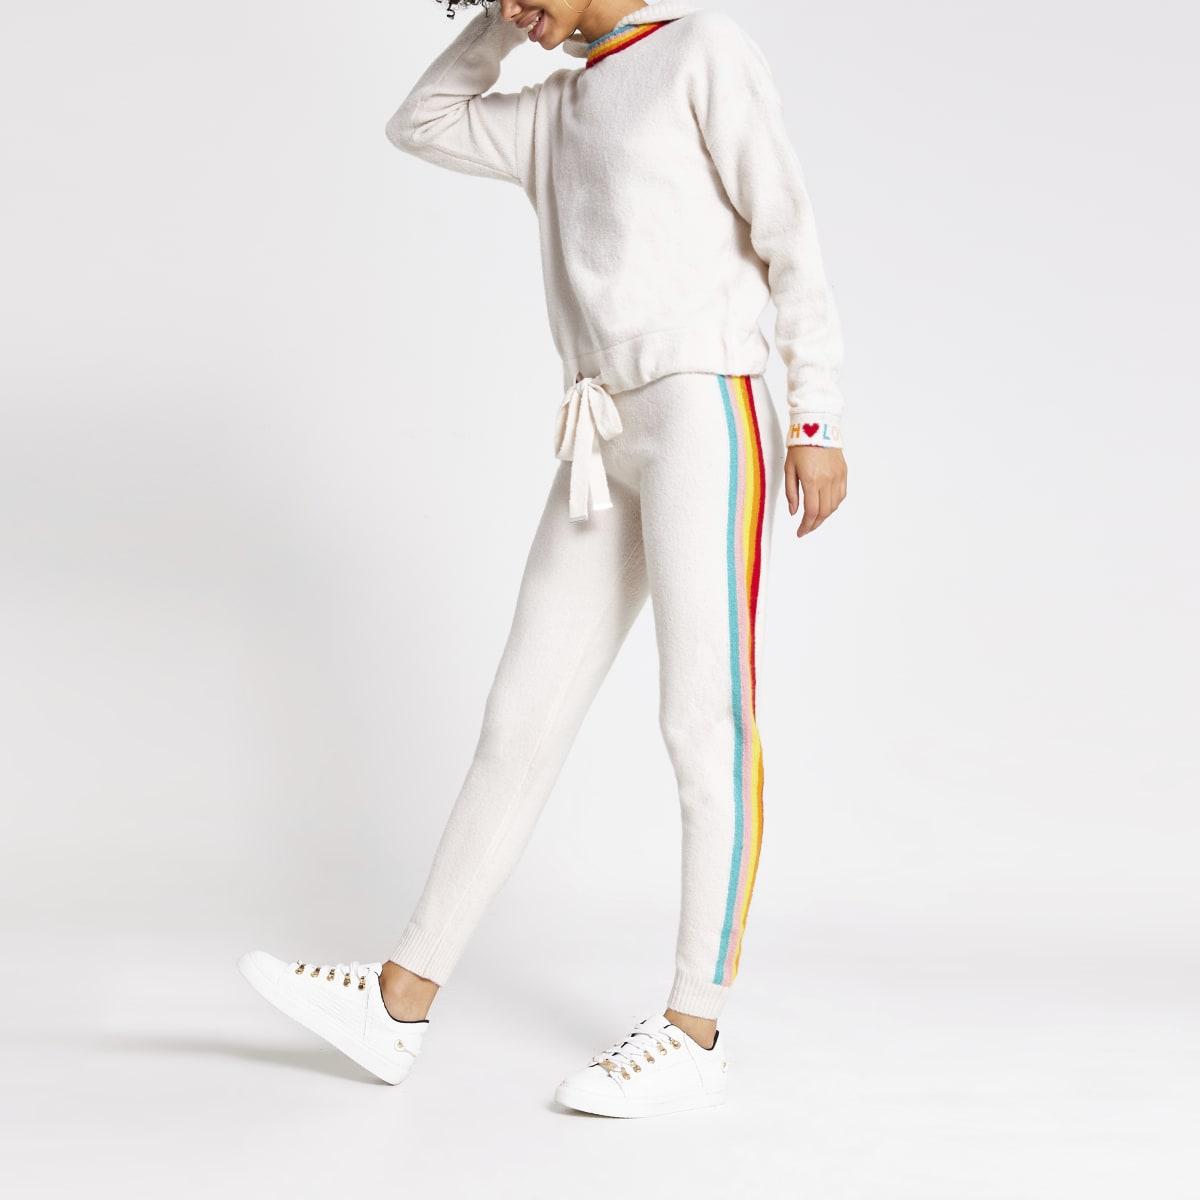 Pantalons de jogging en maille crèmeà bande arc-en-ciel